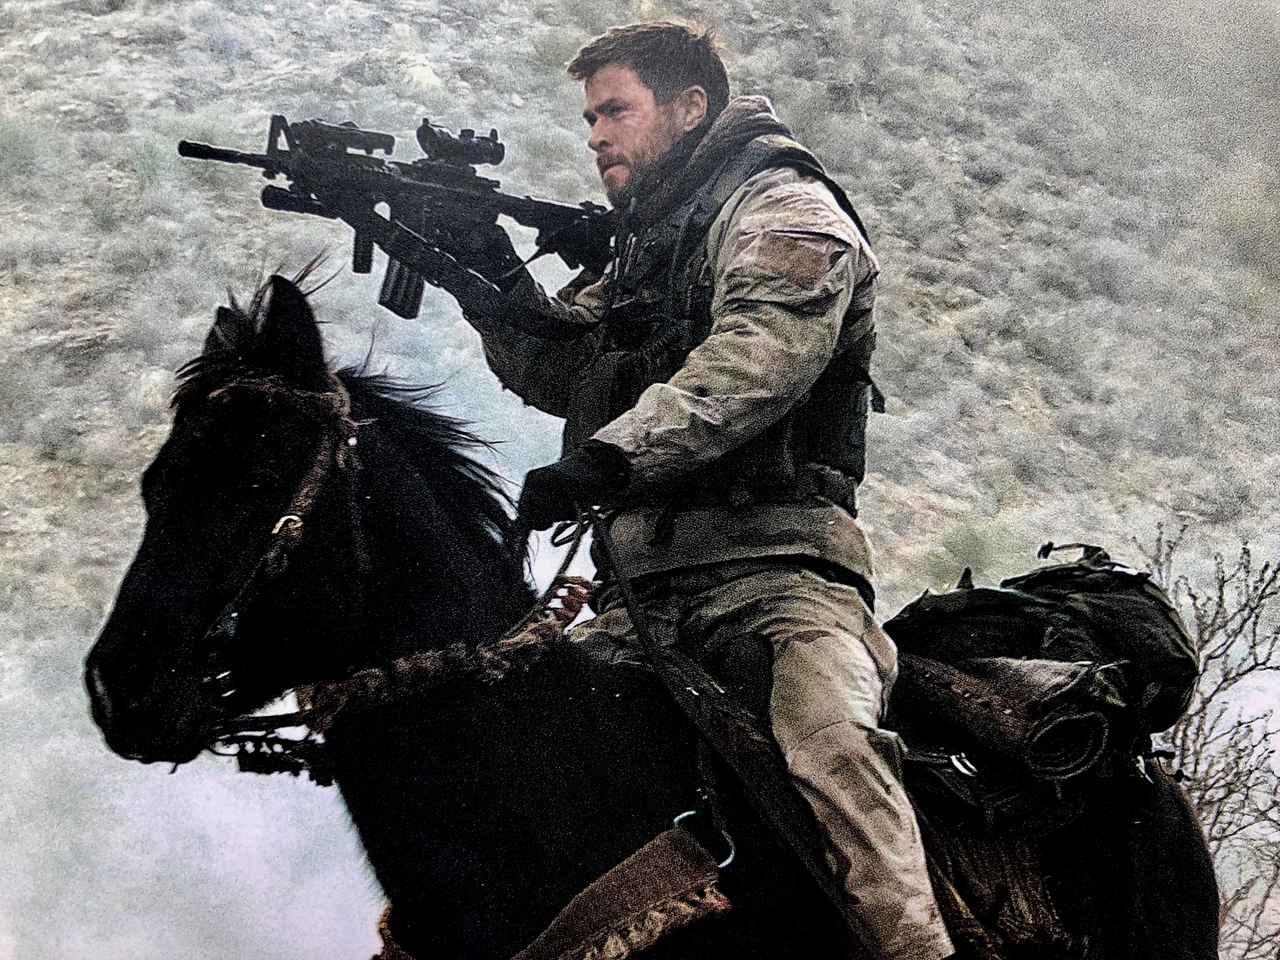 画像: 主演はマイティ・ソーで大ブレイクのクリス・ヘムズワース http://gaga.ne.jp/horsesoldiers/